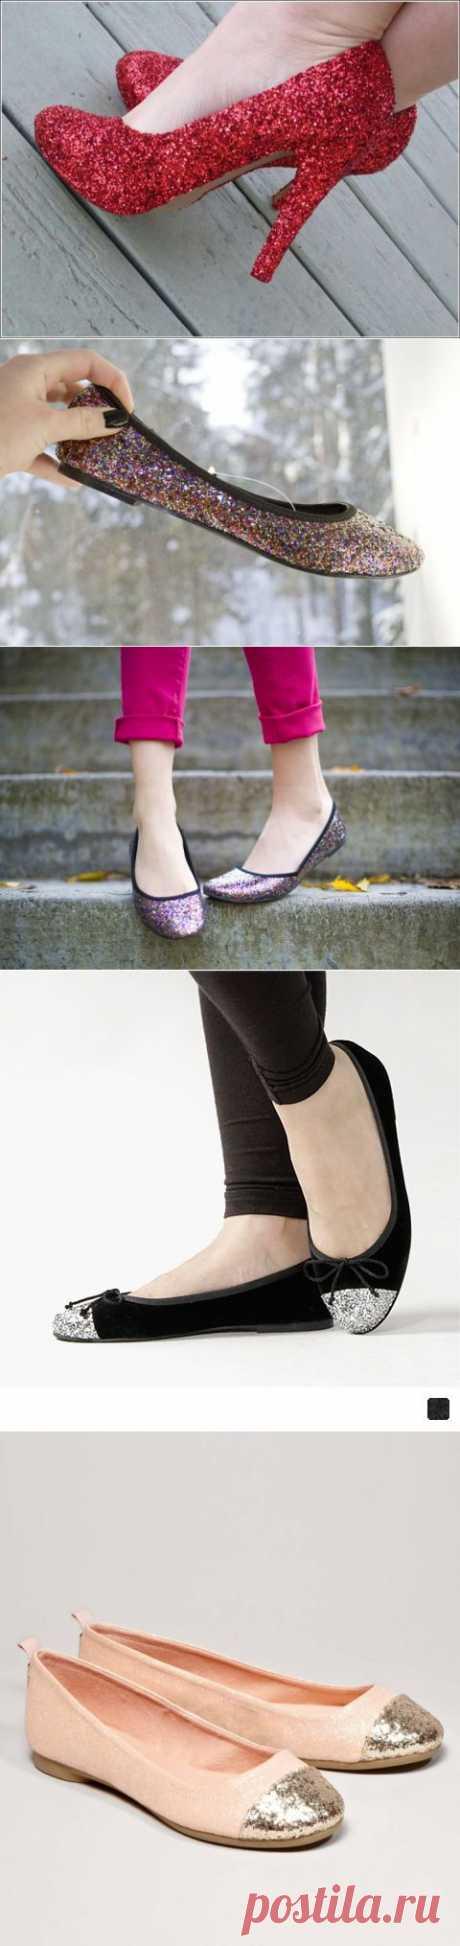 (+1) тема - Как реанимировать старые туфли: праздничный вариант | Полезные советы